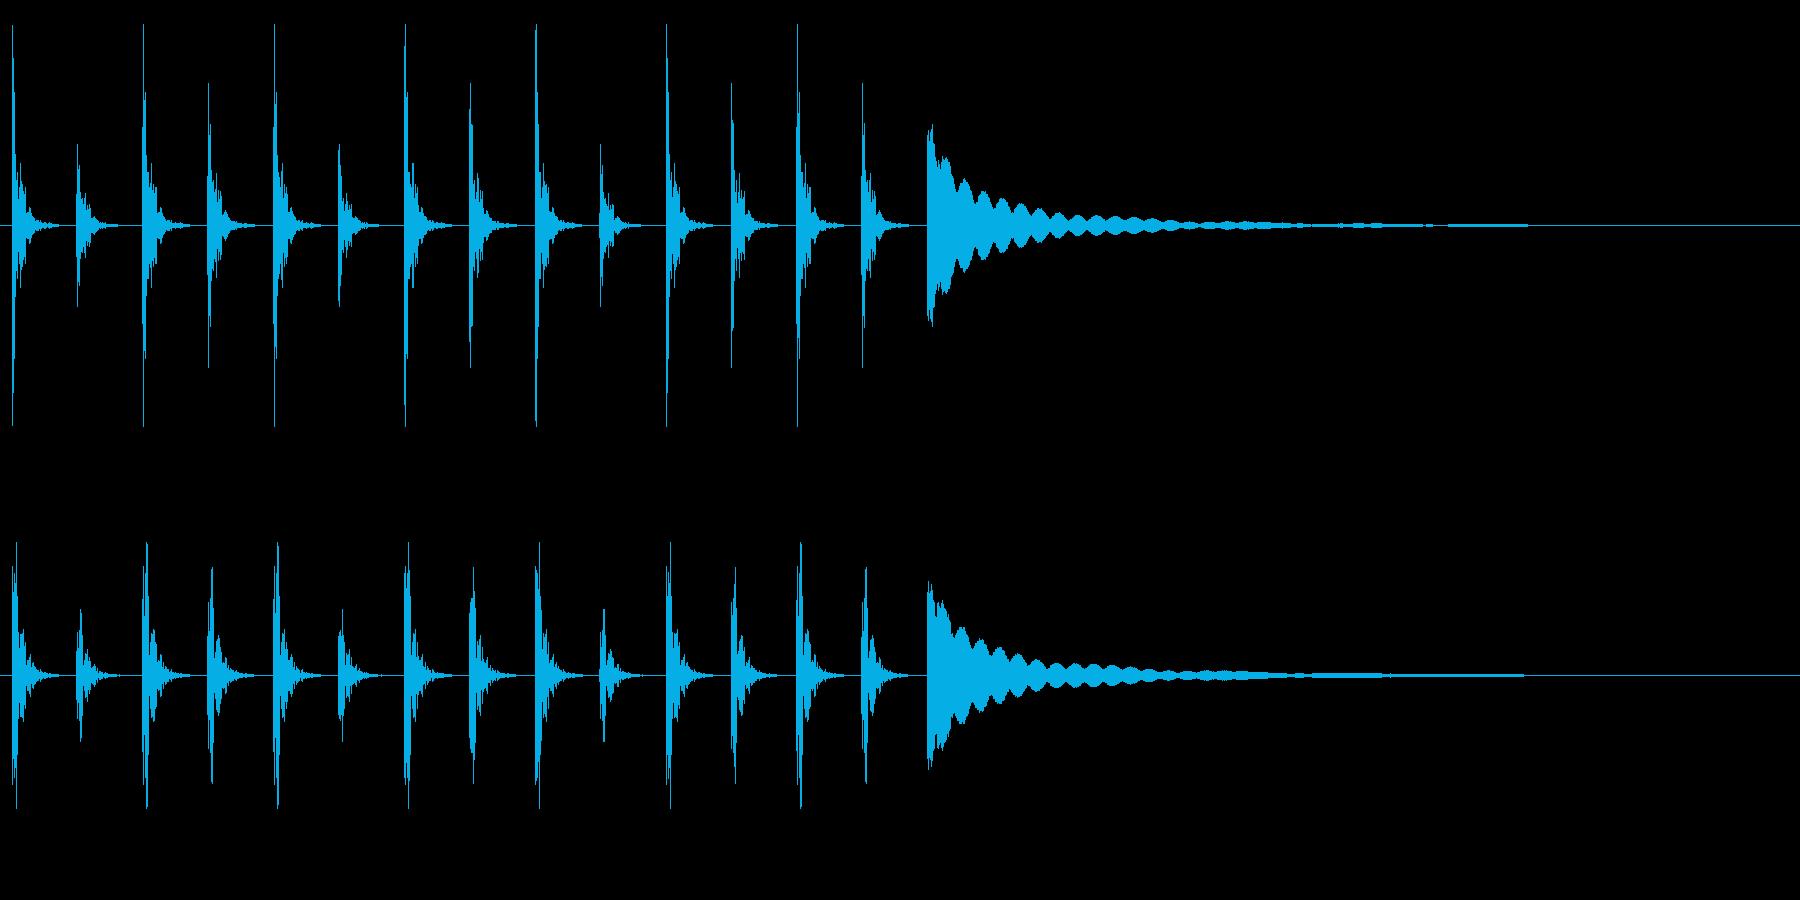 ポクポクチン2木魚シンキングタイム10秒の再生済みの波形